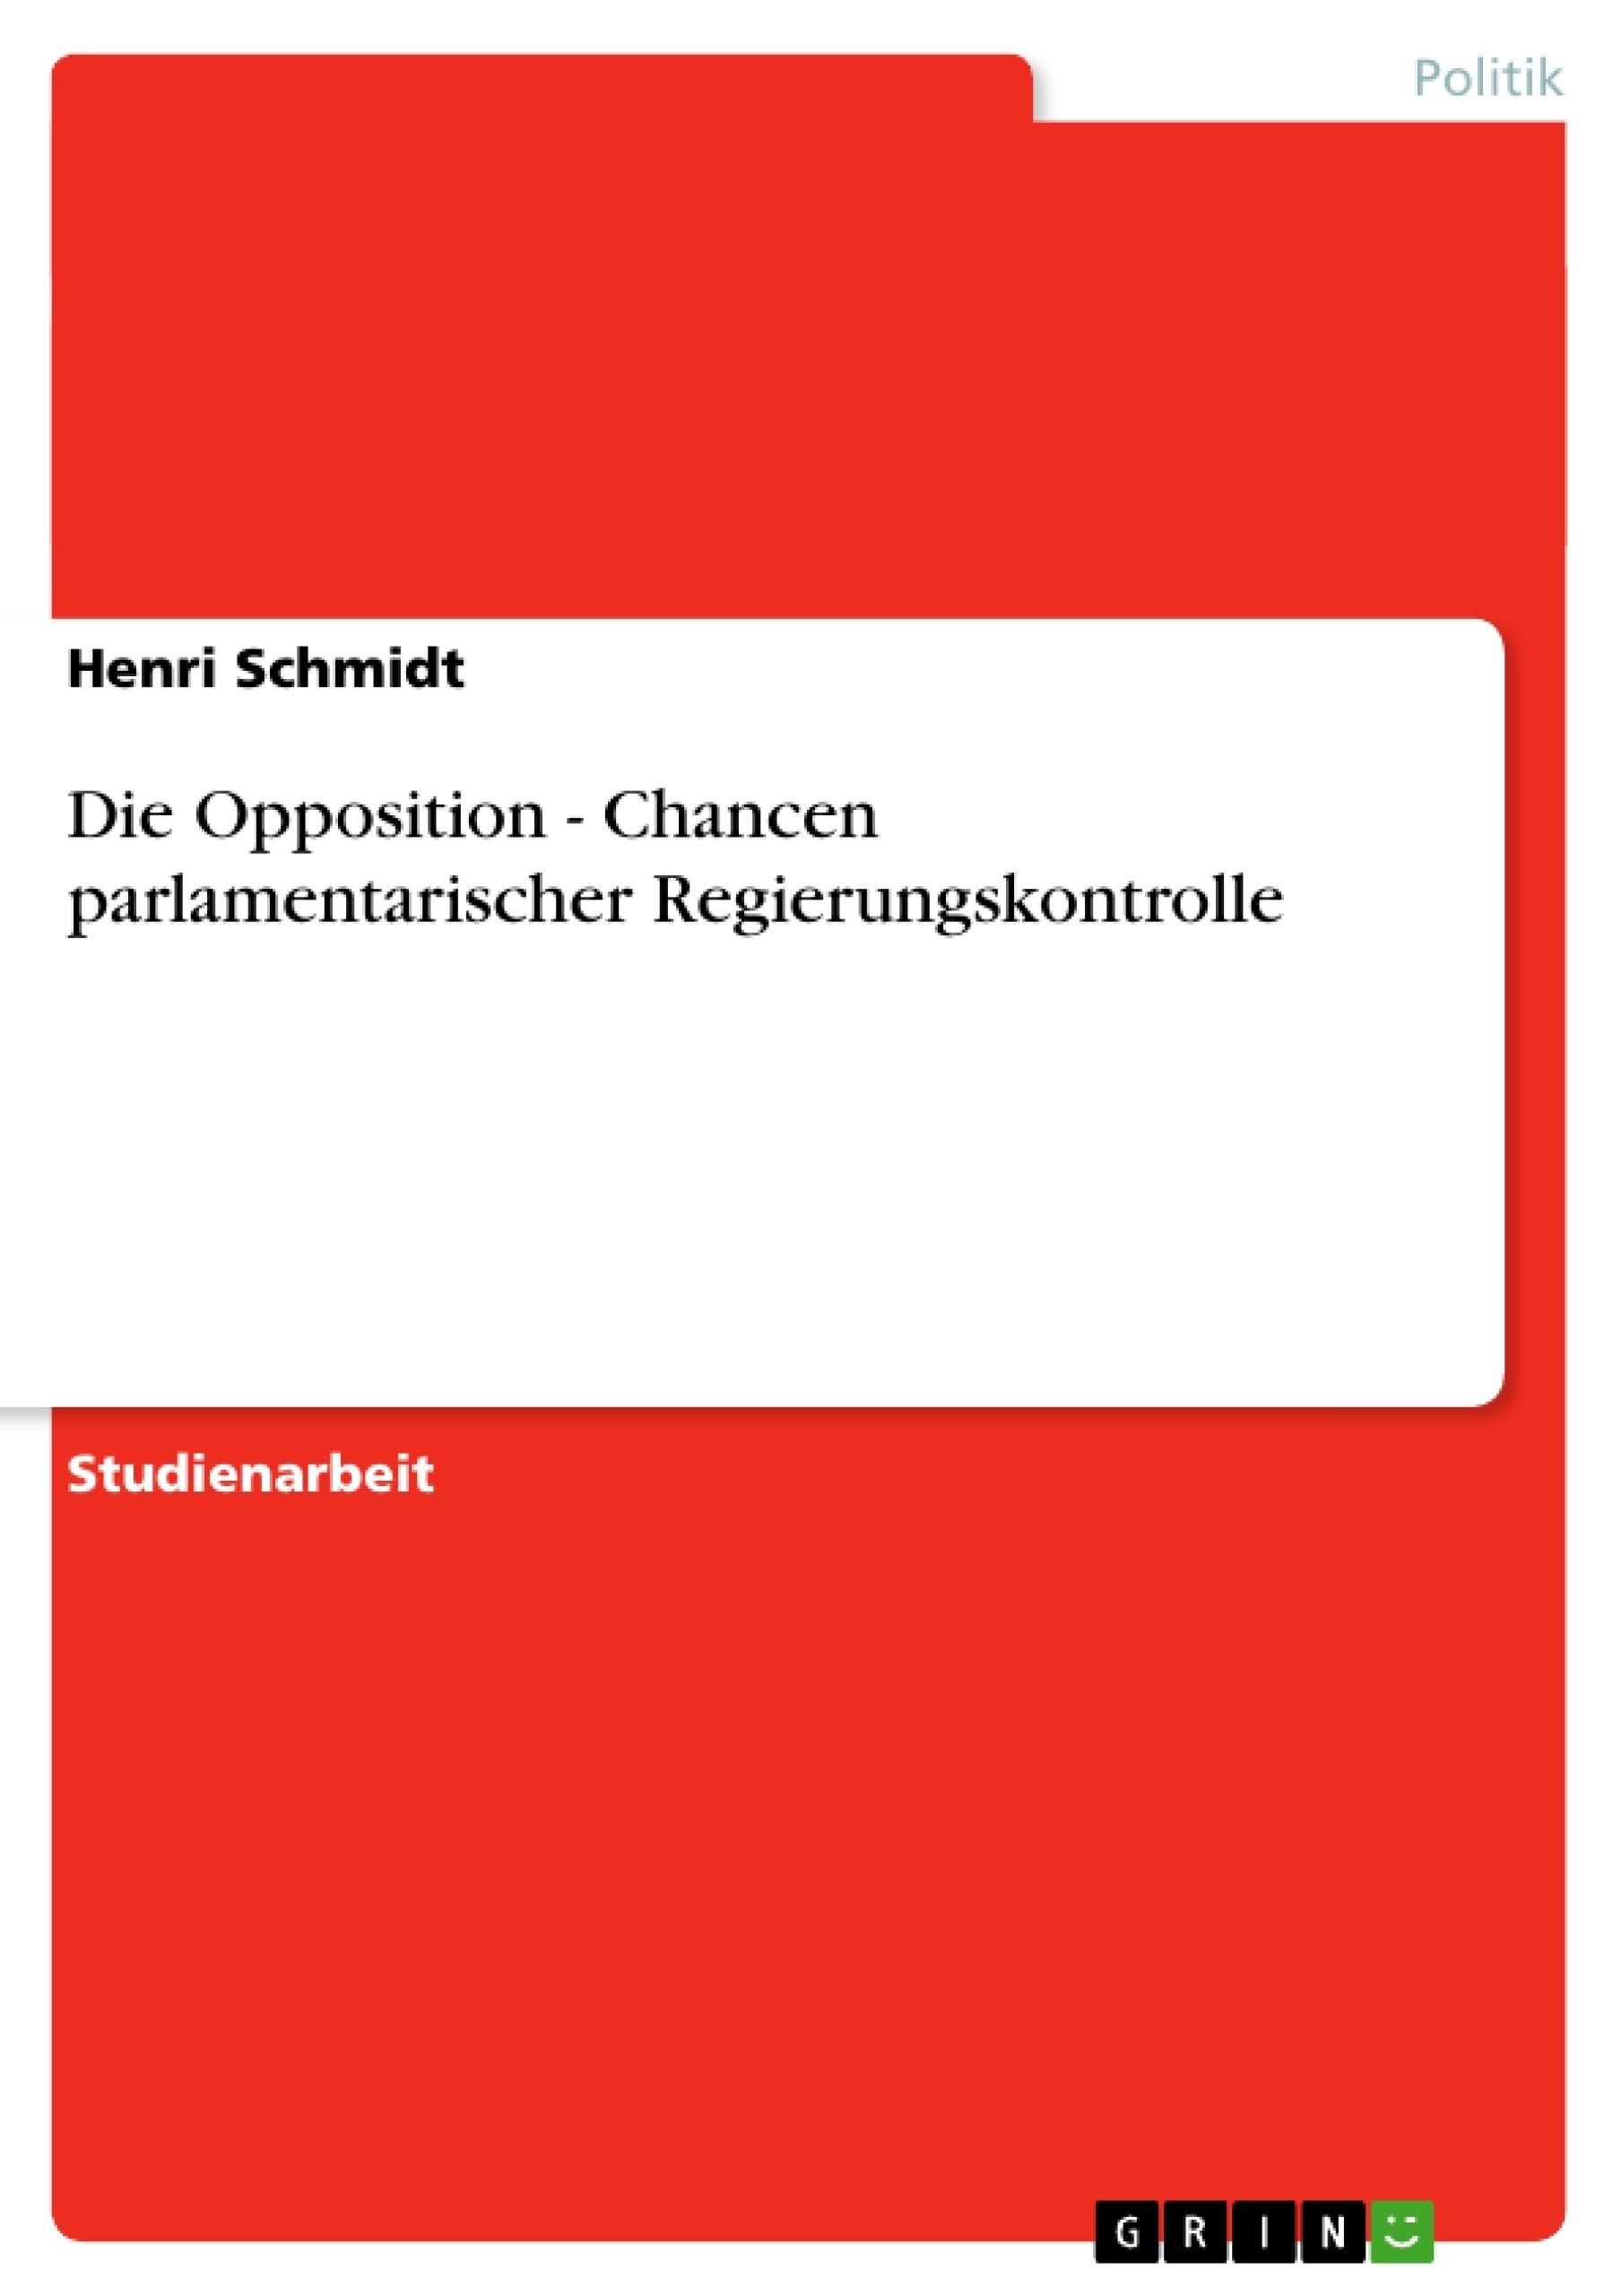 Titel: Die Opposition - Chancen parlamentarischer Regierungskontrolle